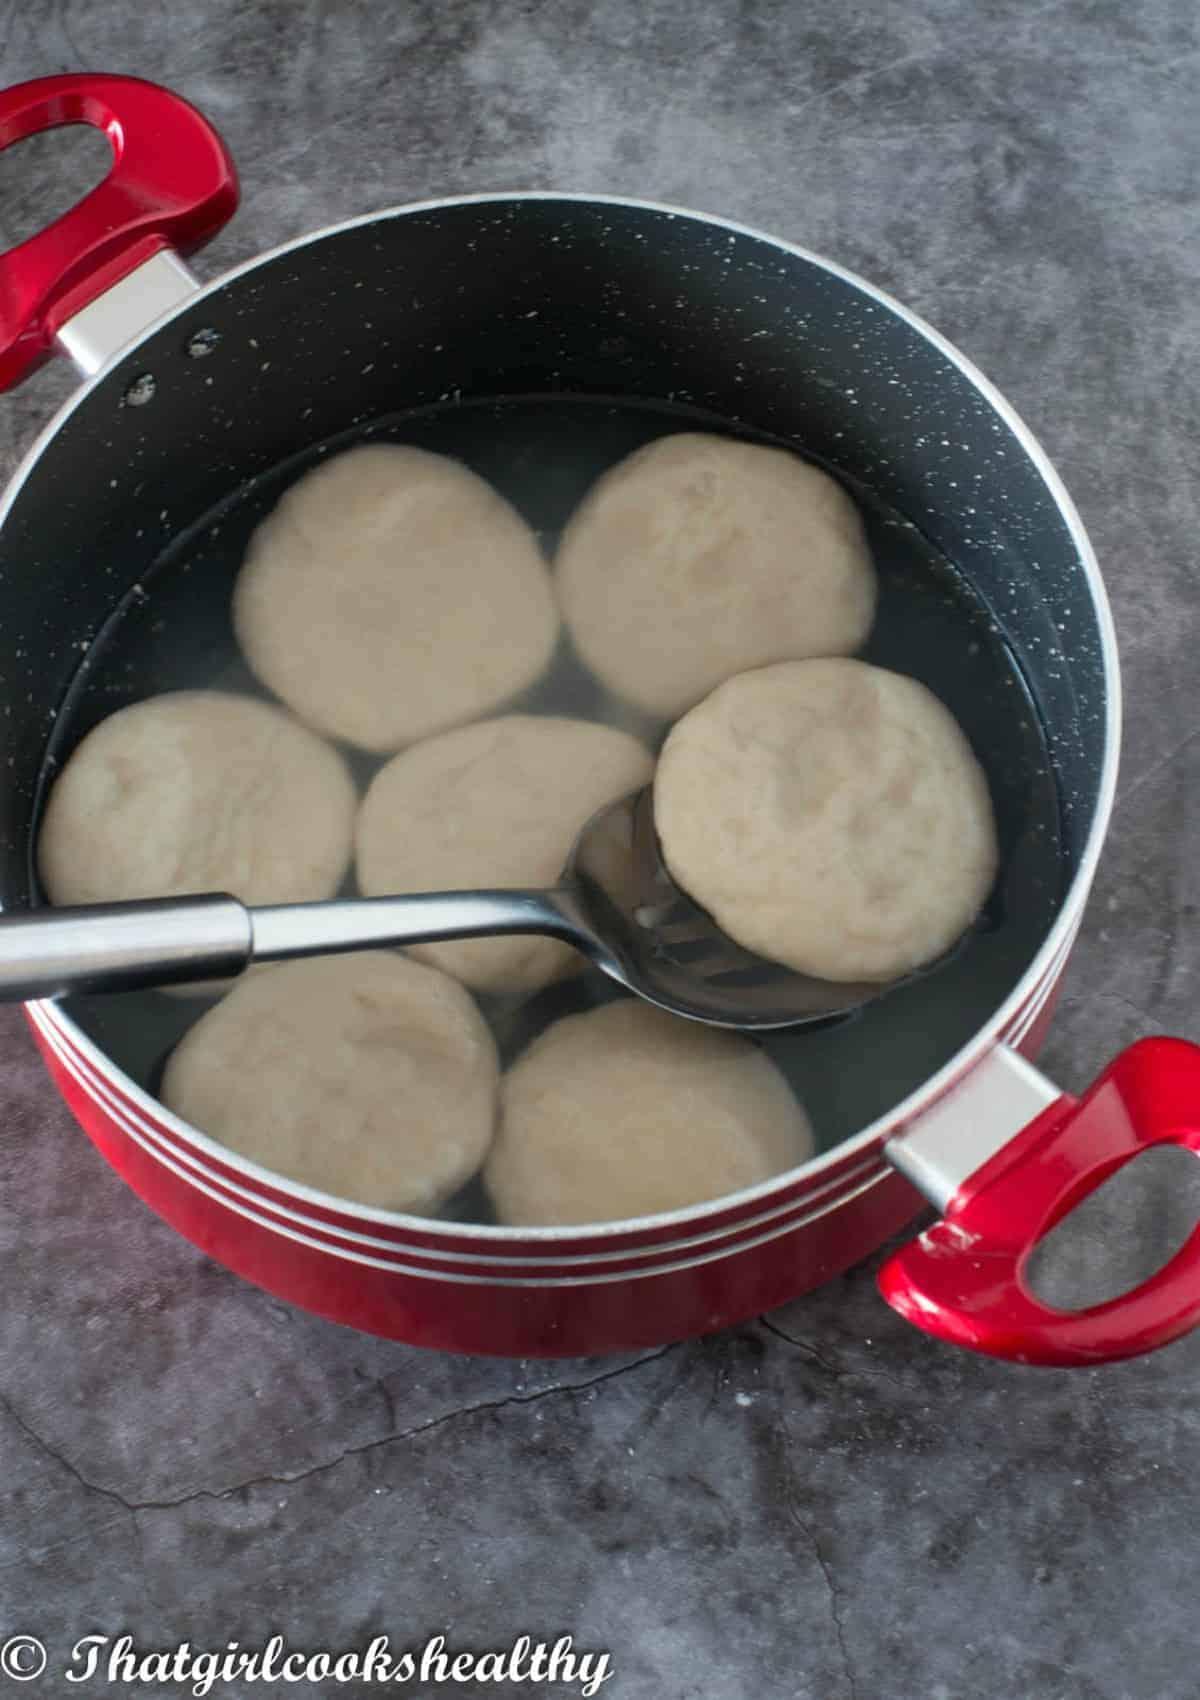 dumplings in a pot